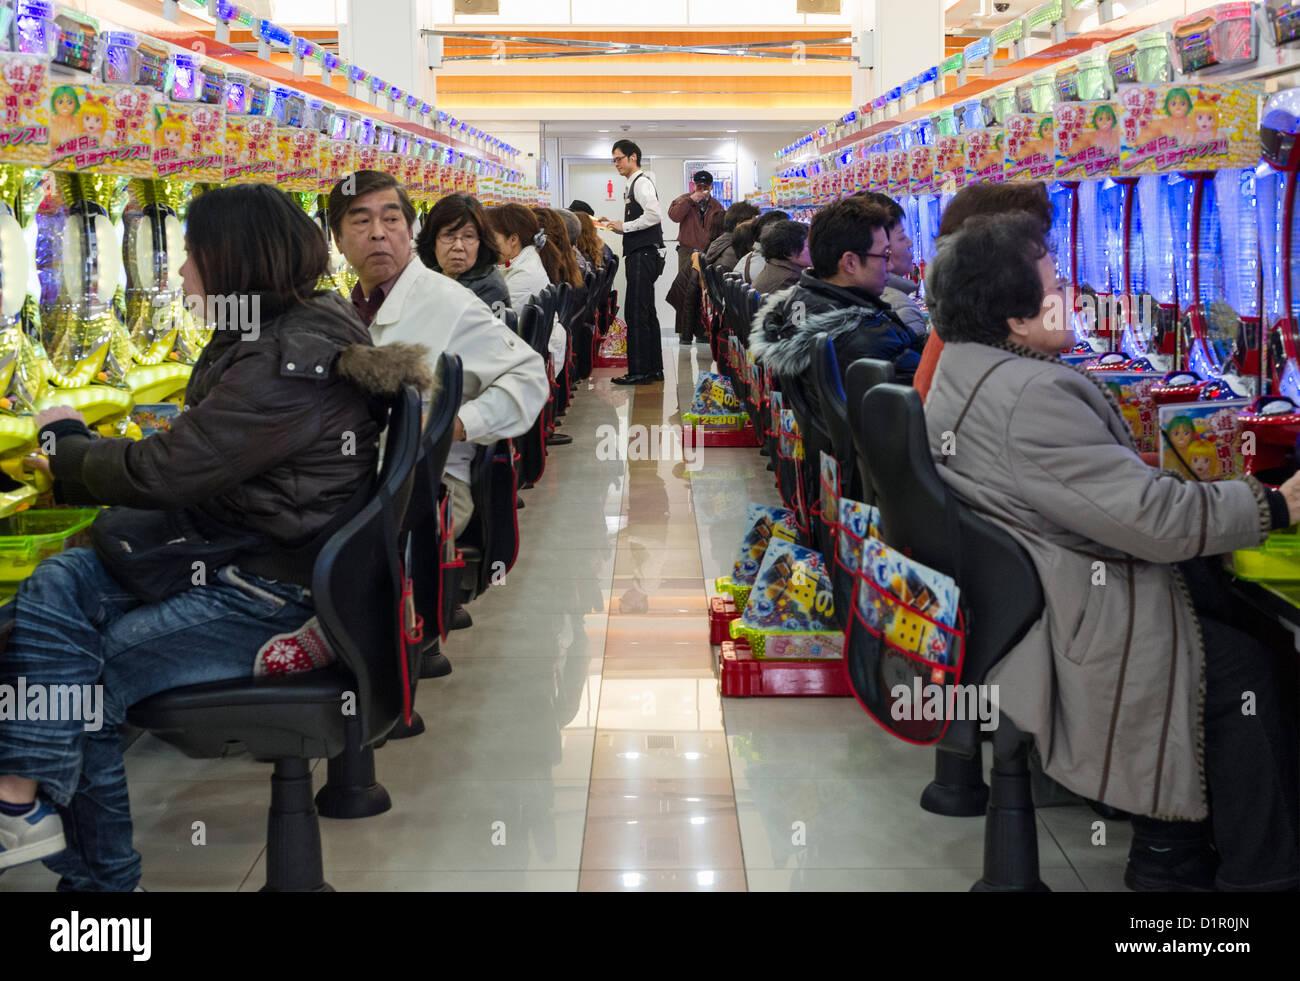 Japanese playing arcade games in Shinjuku, Tokyo - Stock Image